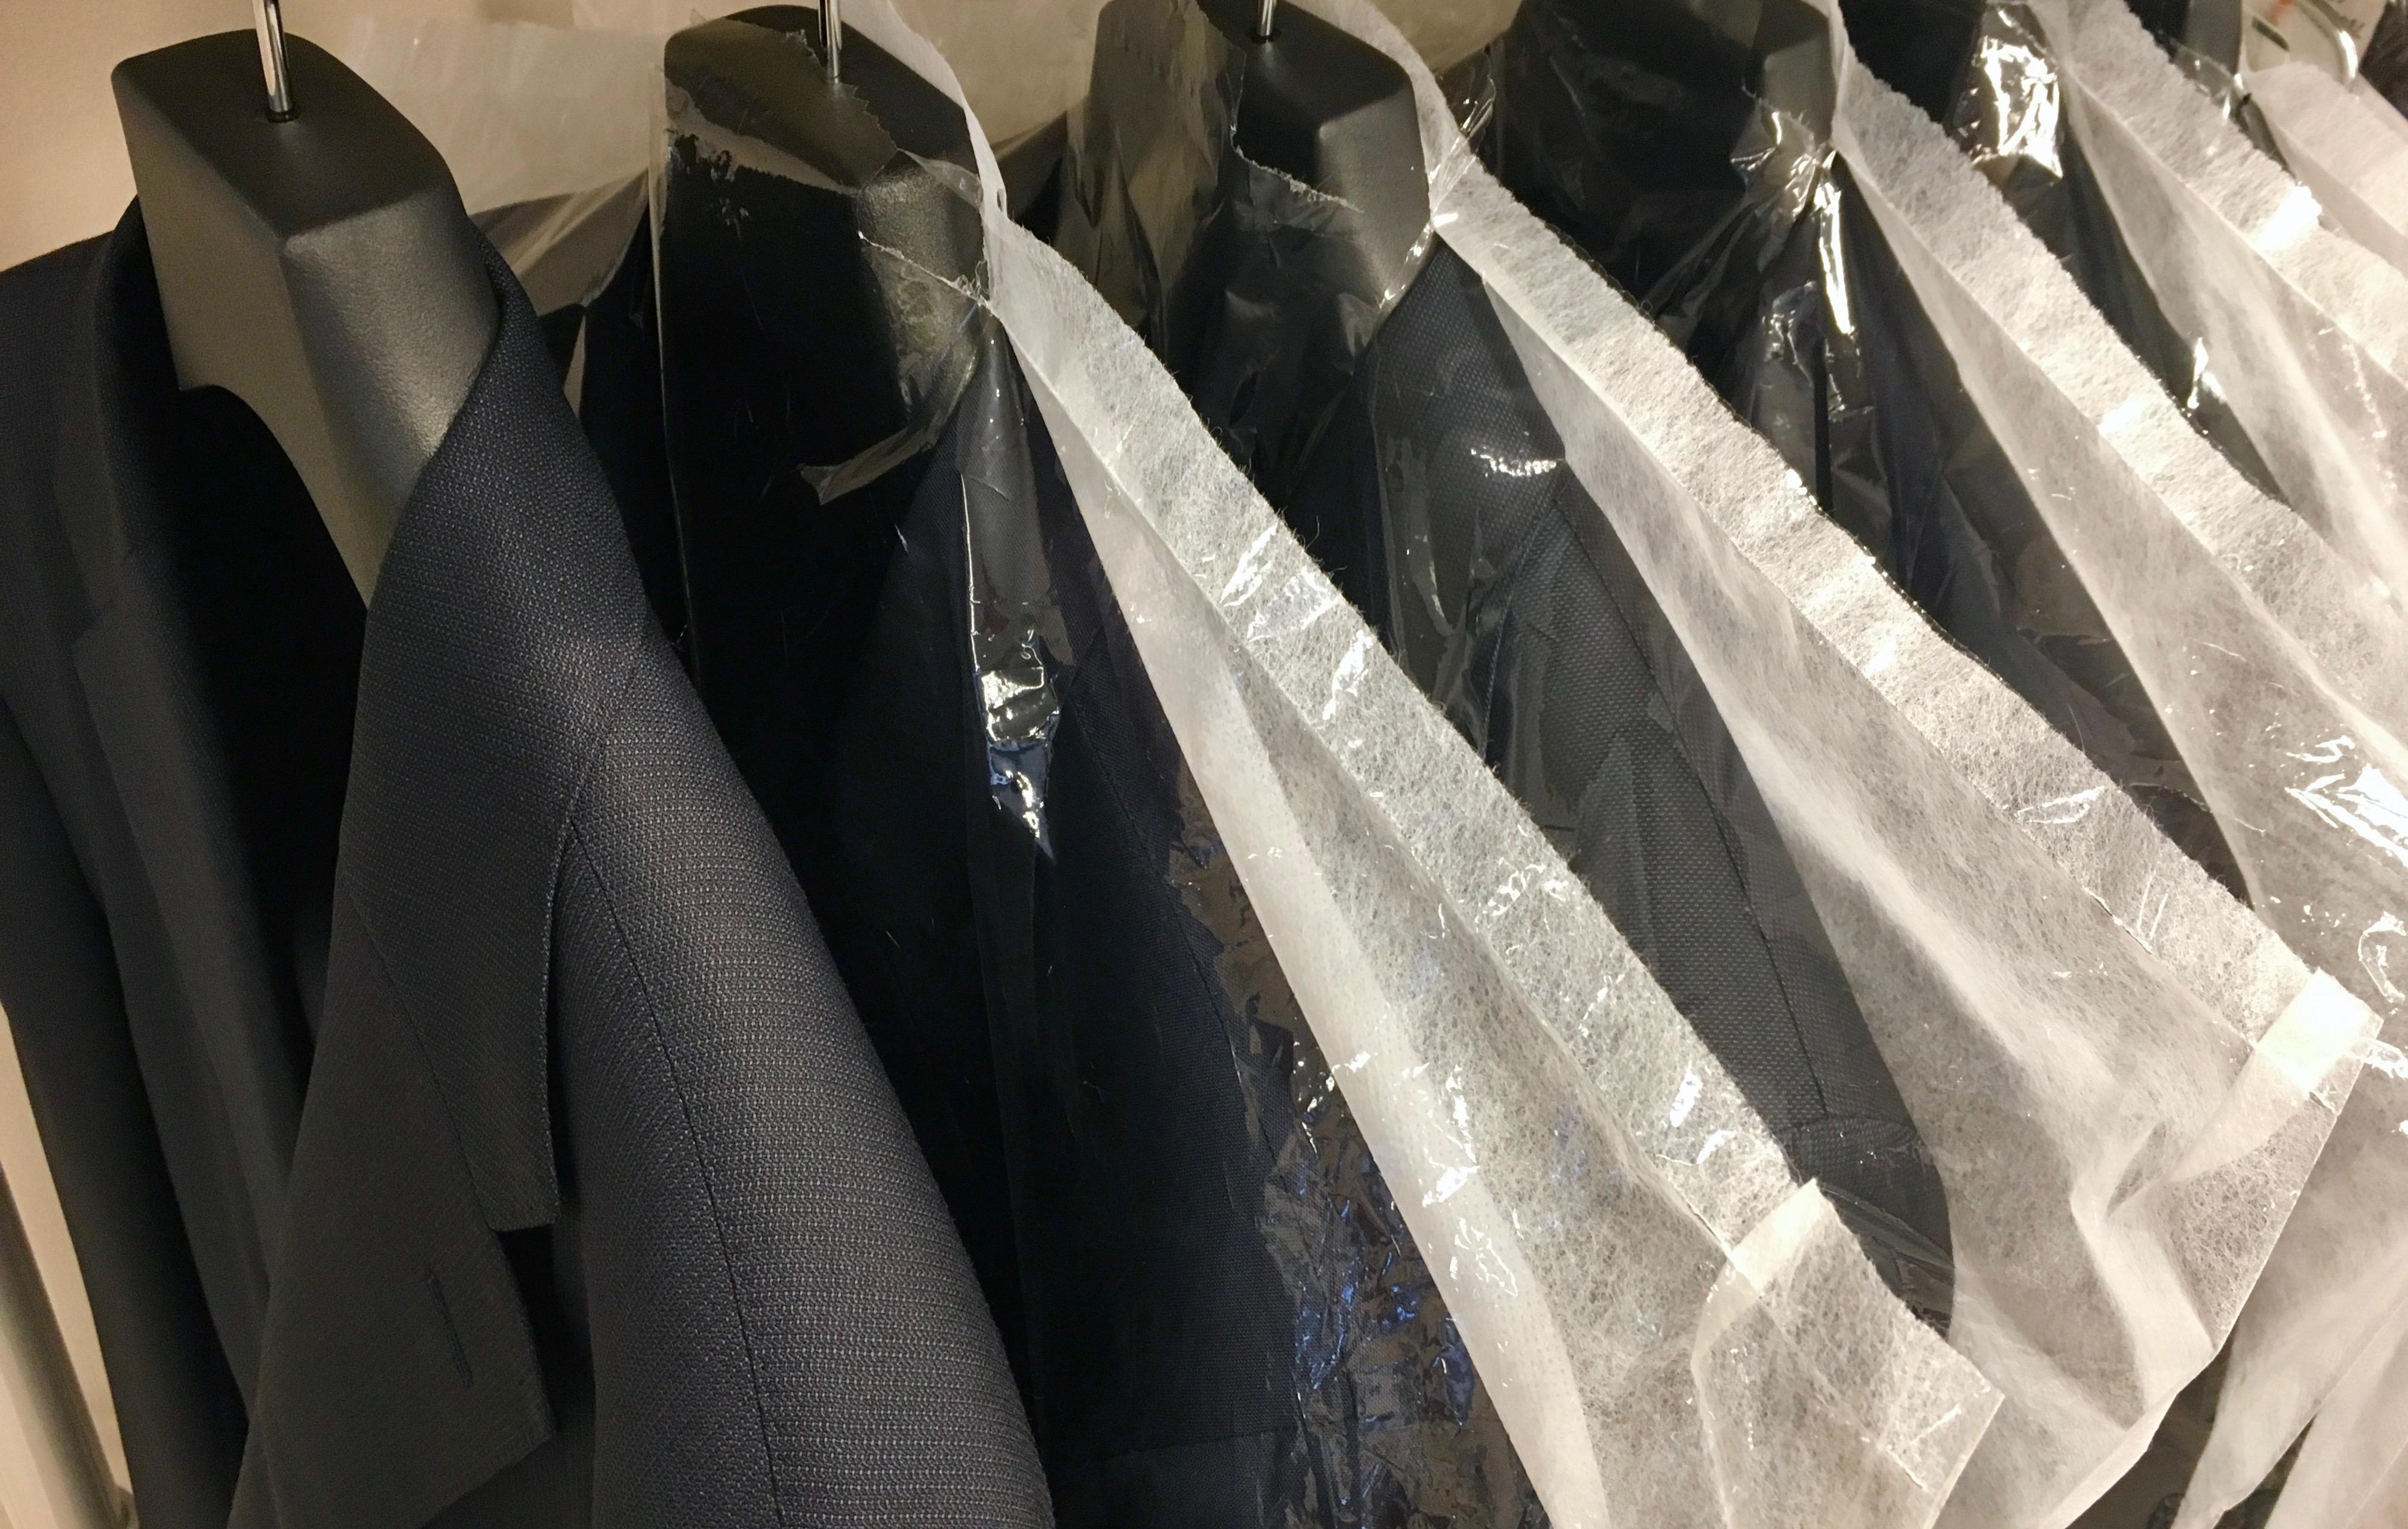 衣替えのシーズン☆オーダースーツのメンテナンスは大丈夫ですか?☆CENTO匠のクリーニング